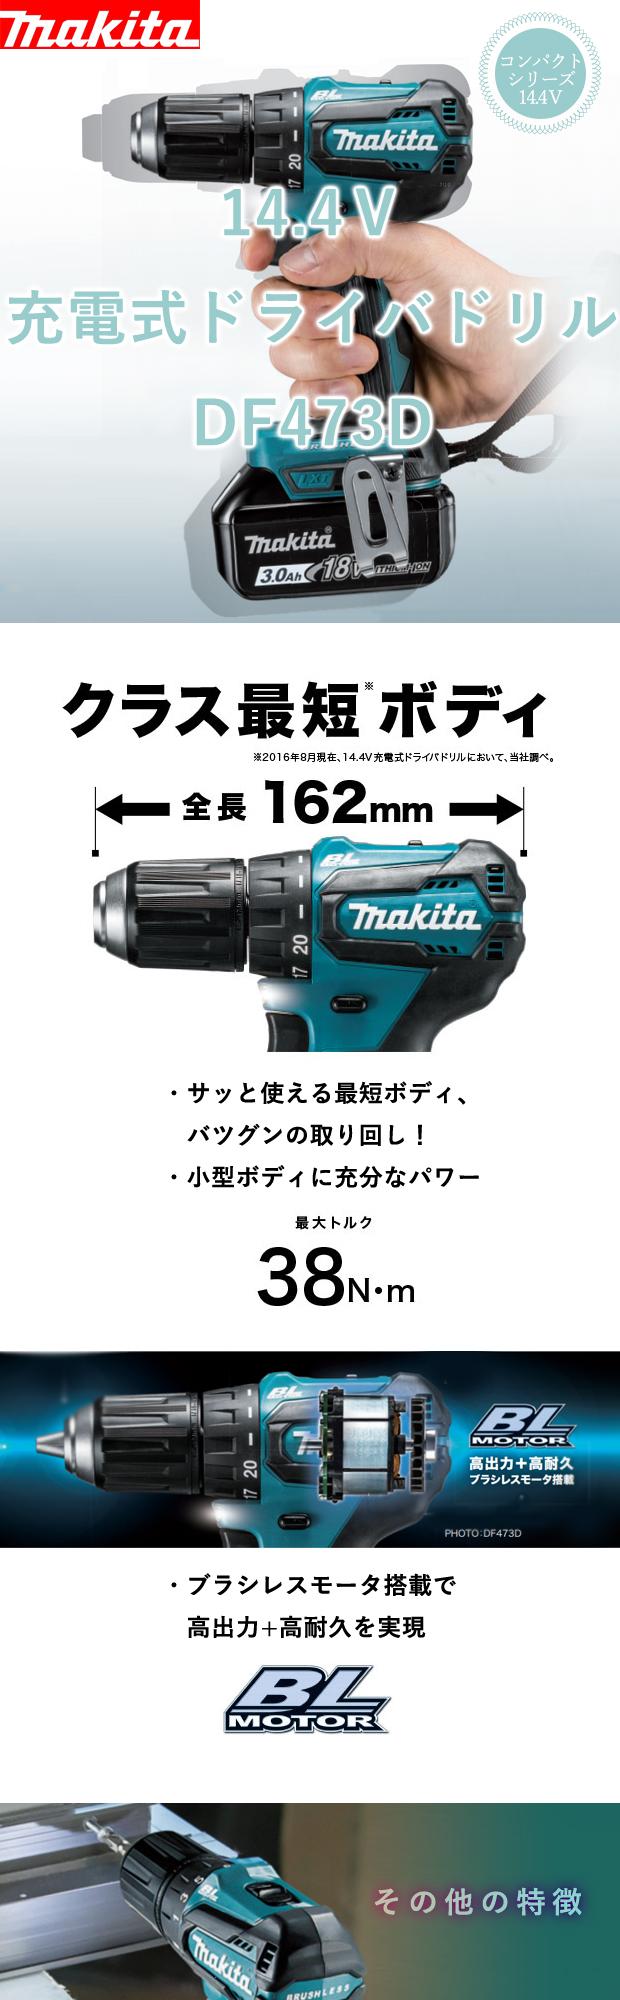 マキタ 14.4V充電式ドライバドリル DF473D